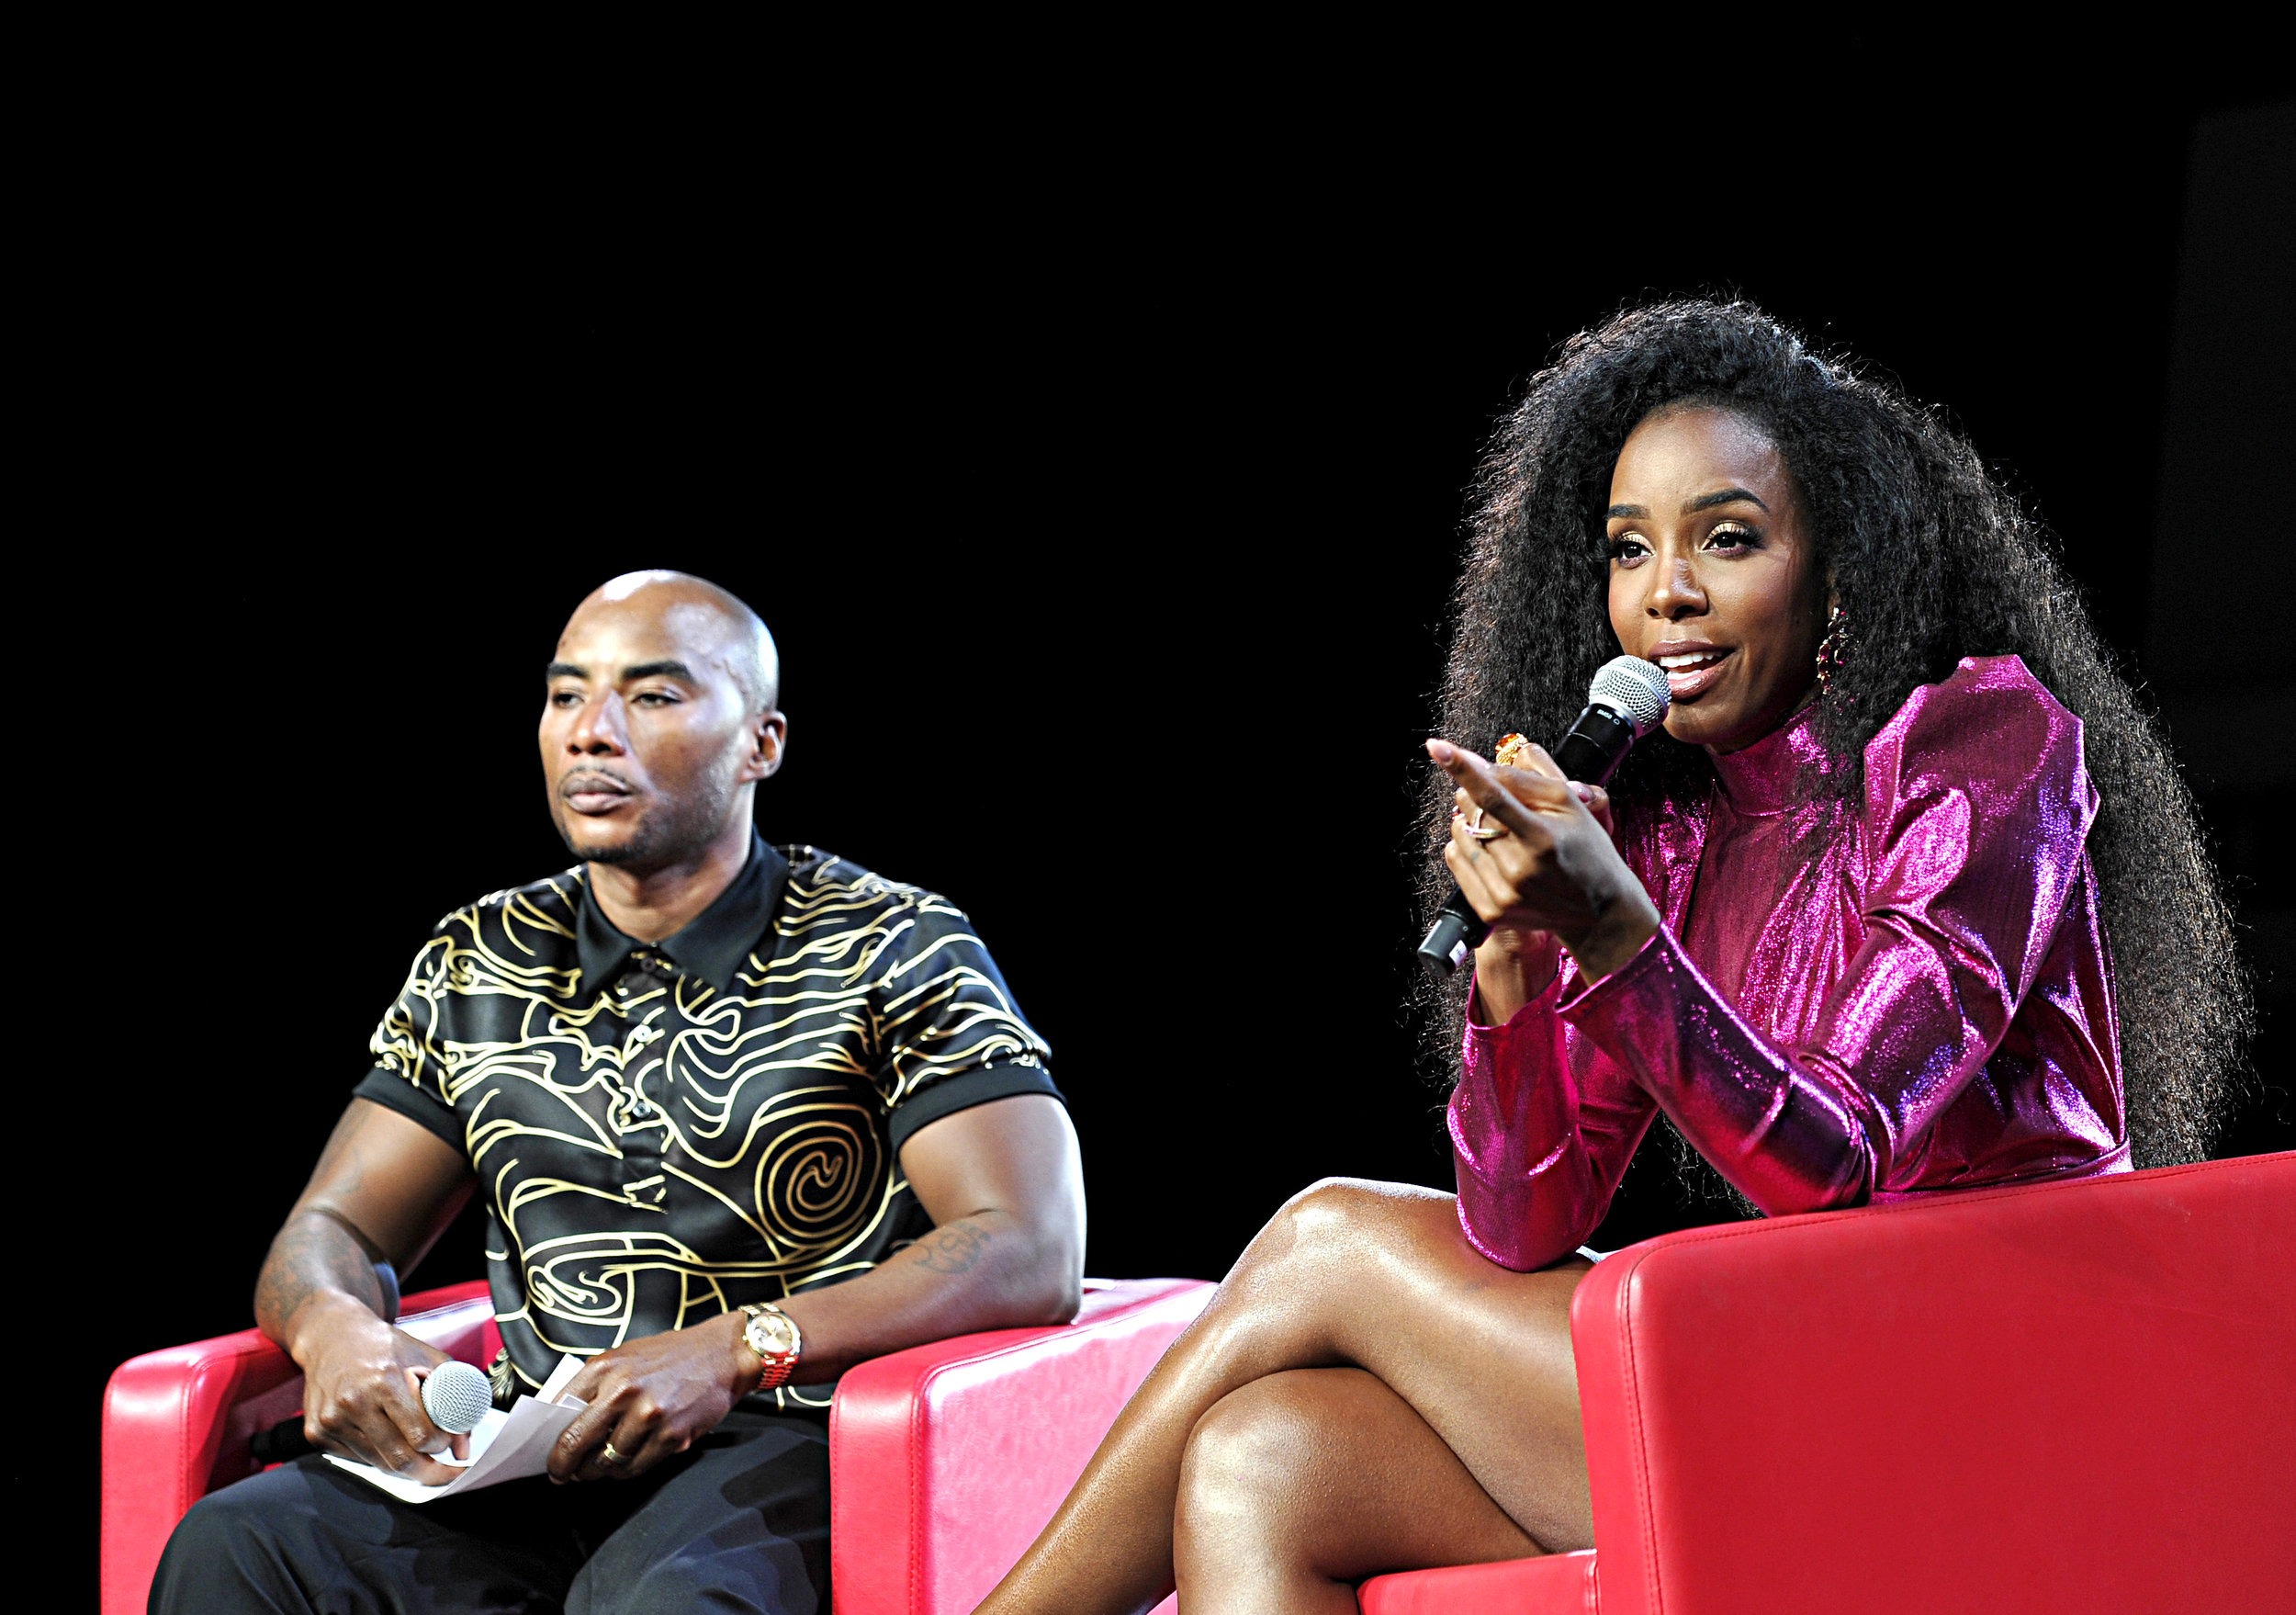 Charlamagne Tha God & Kelly Rowland PC: Beautycon